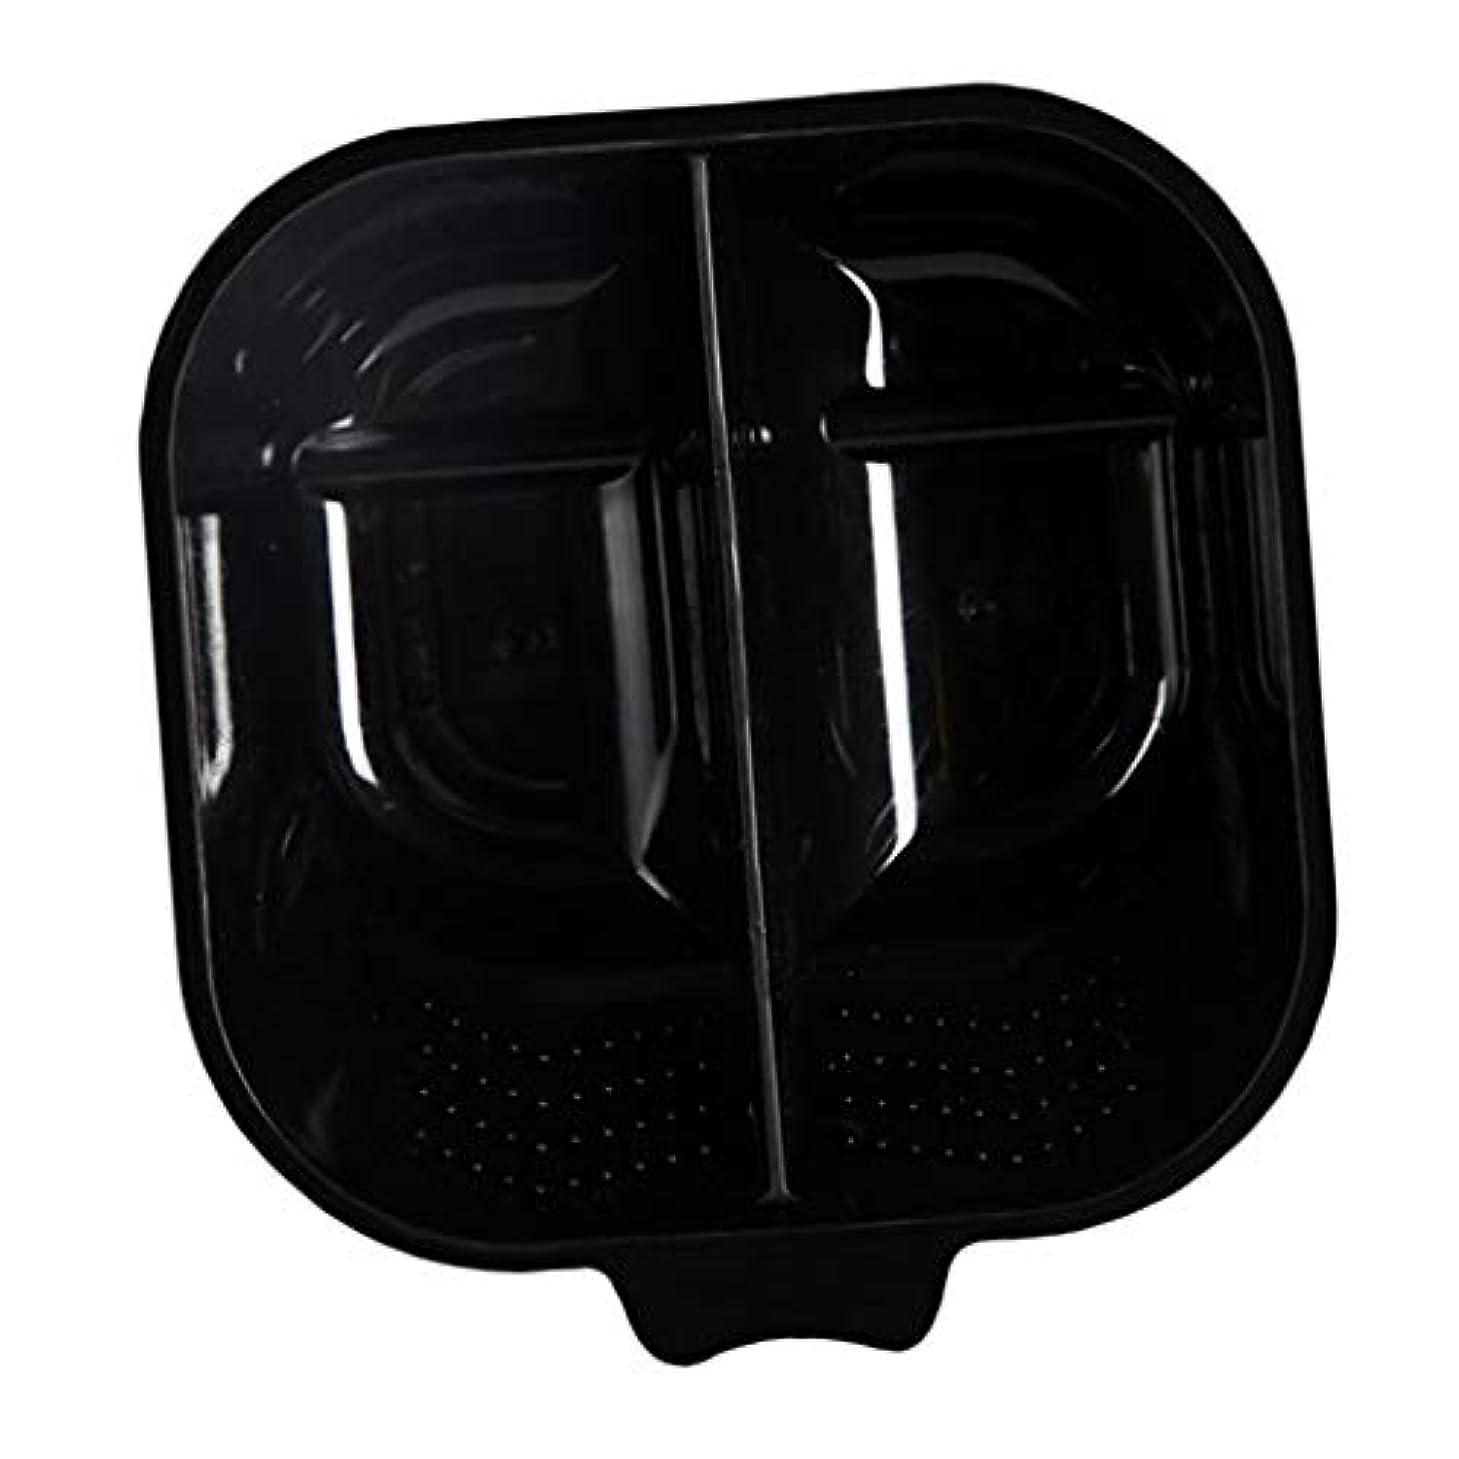 カートン廃棄むしゃむしゃヘアカラーリング用品 ヘアカラーボウル ヘアカラープレート 毛染め 染料 混ぜる サロン プロ用品 - ブラック